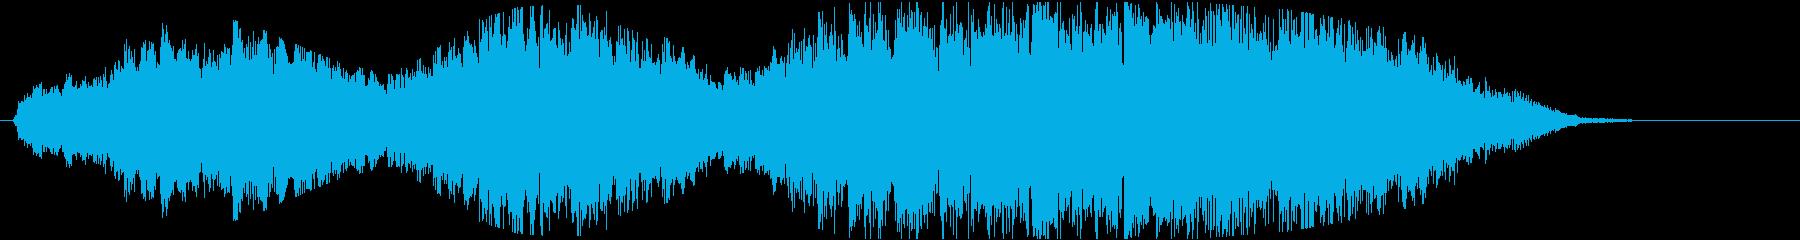 ピアノと弦楽の広大で幻想的なジングルの再生済みの波形